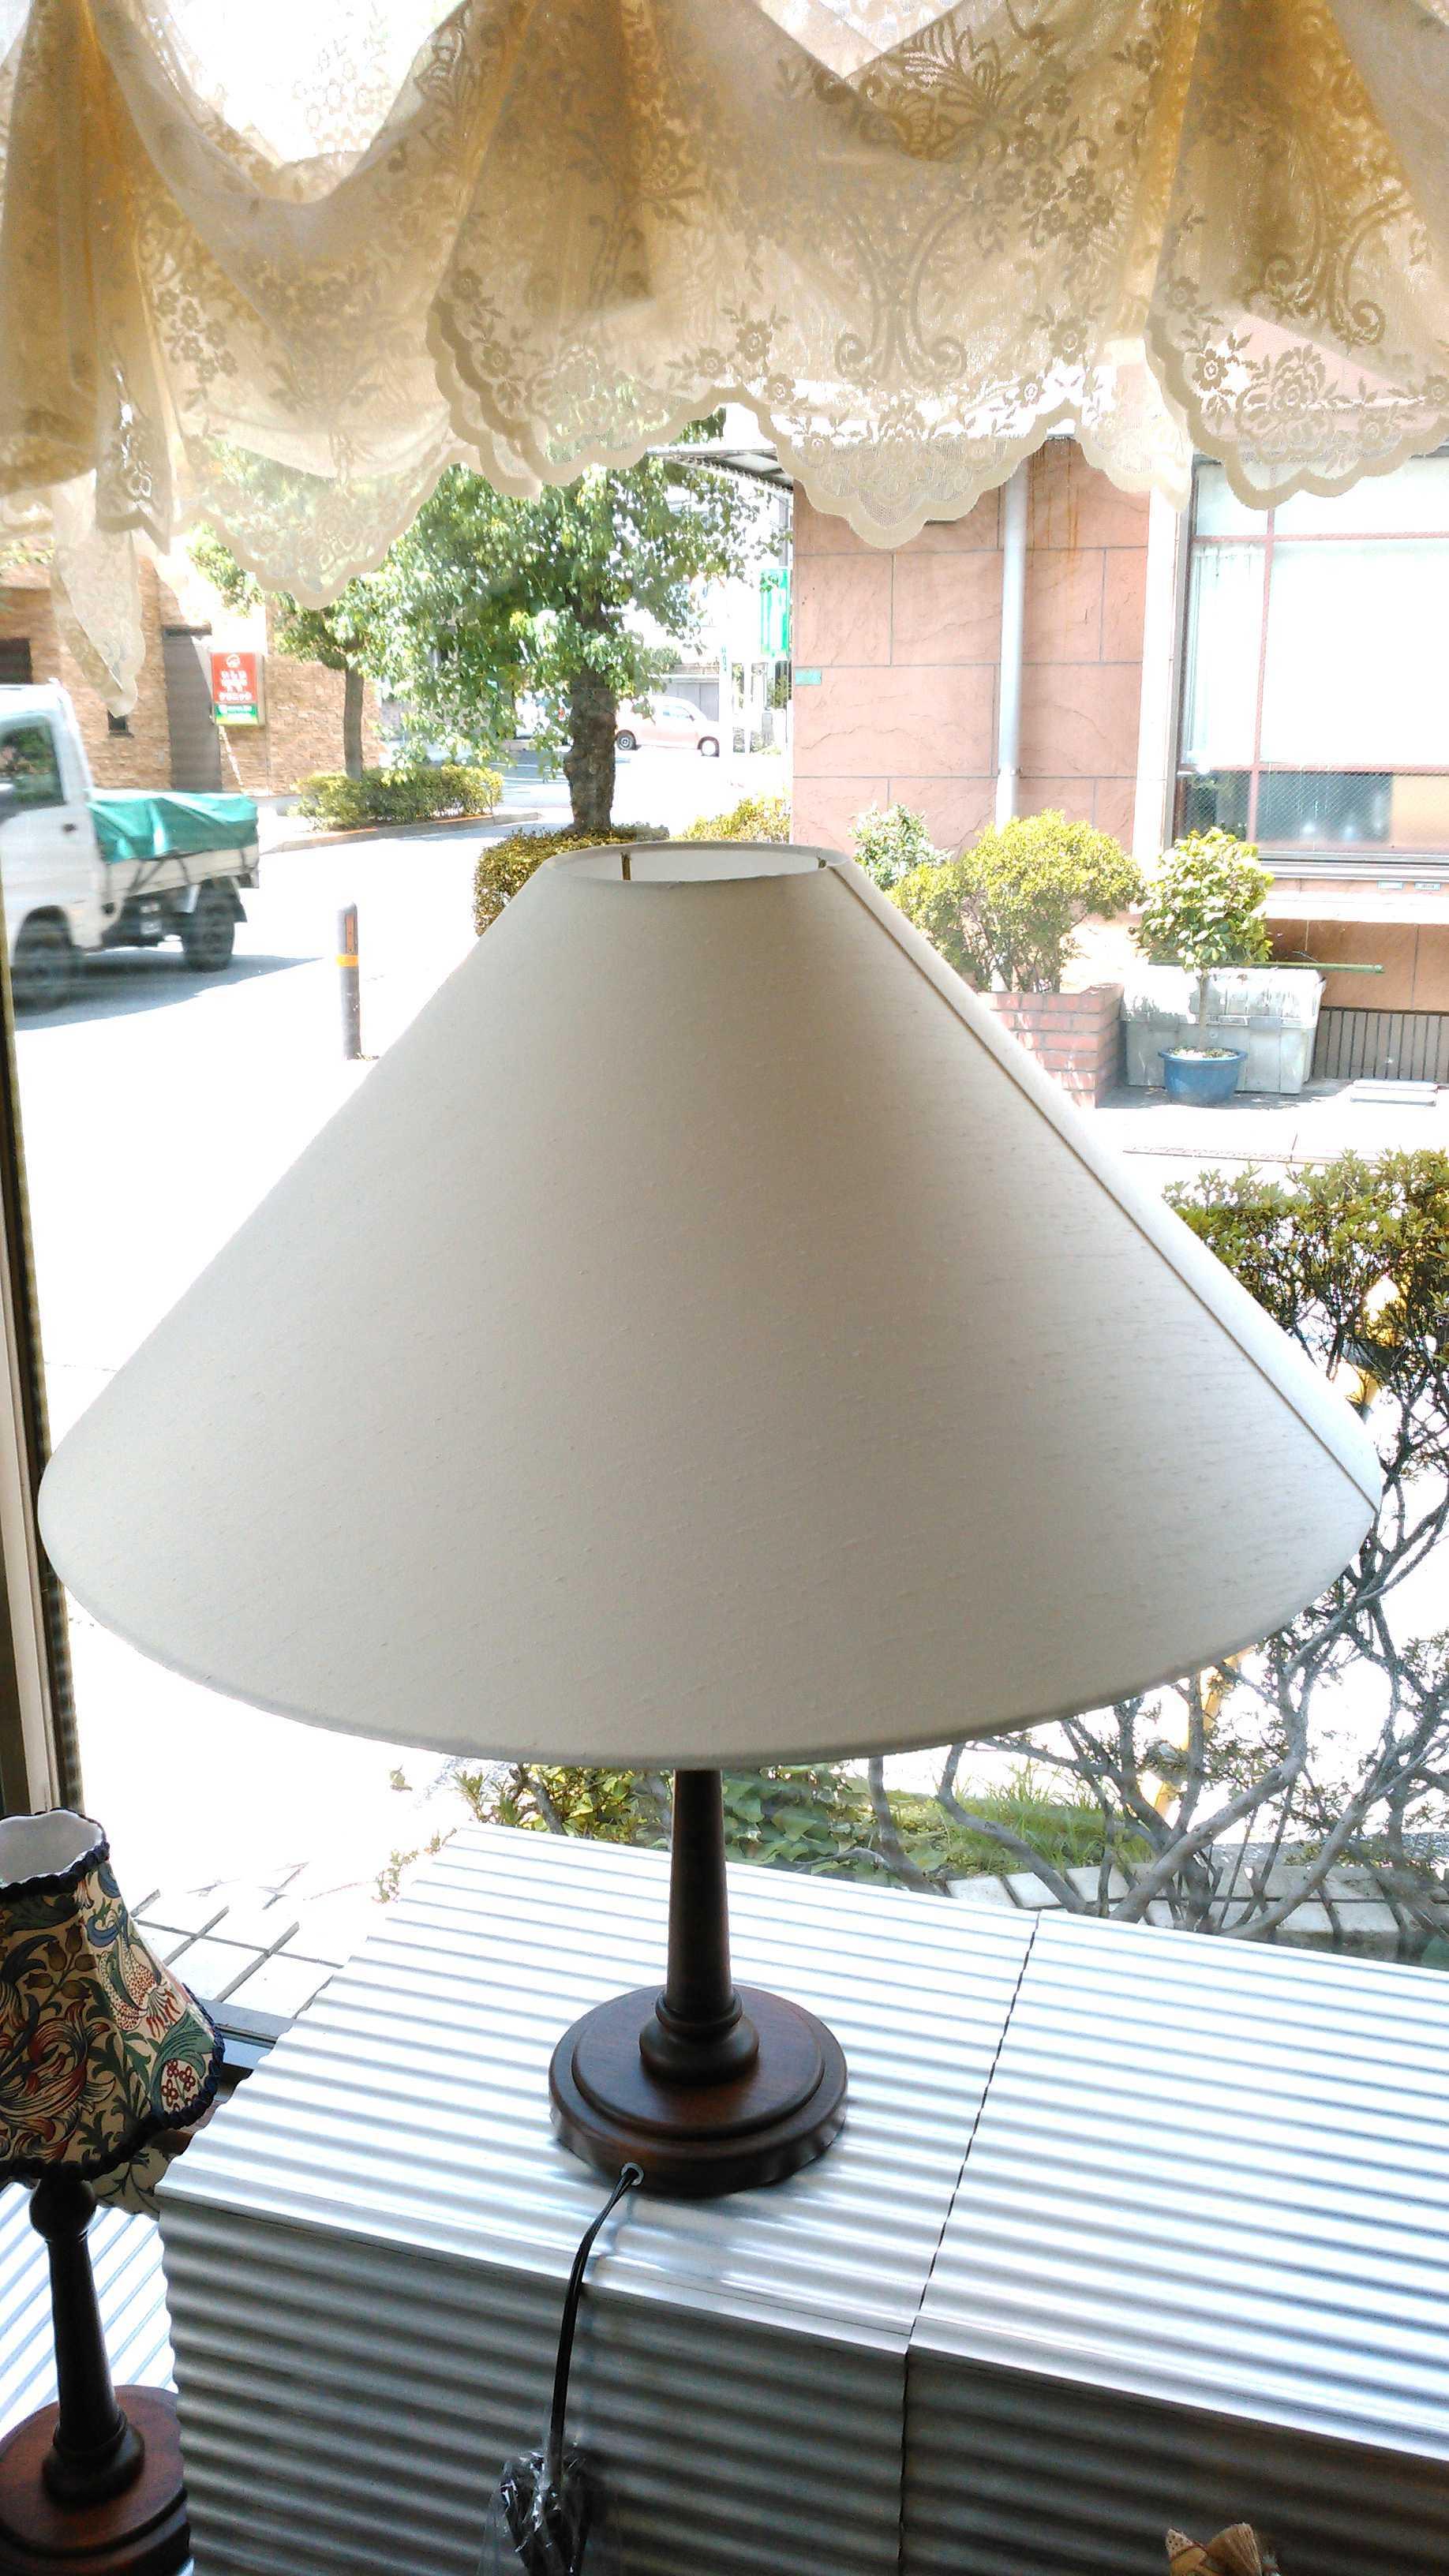 ランプシェード 張替 ウィリアムモリス正規販売店のブライト_c0157866_18240588.jpg